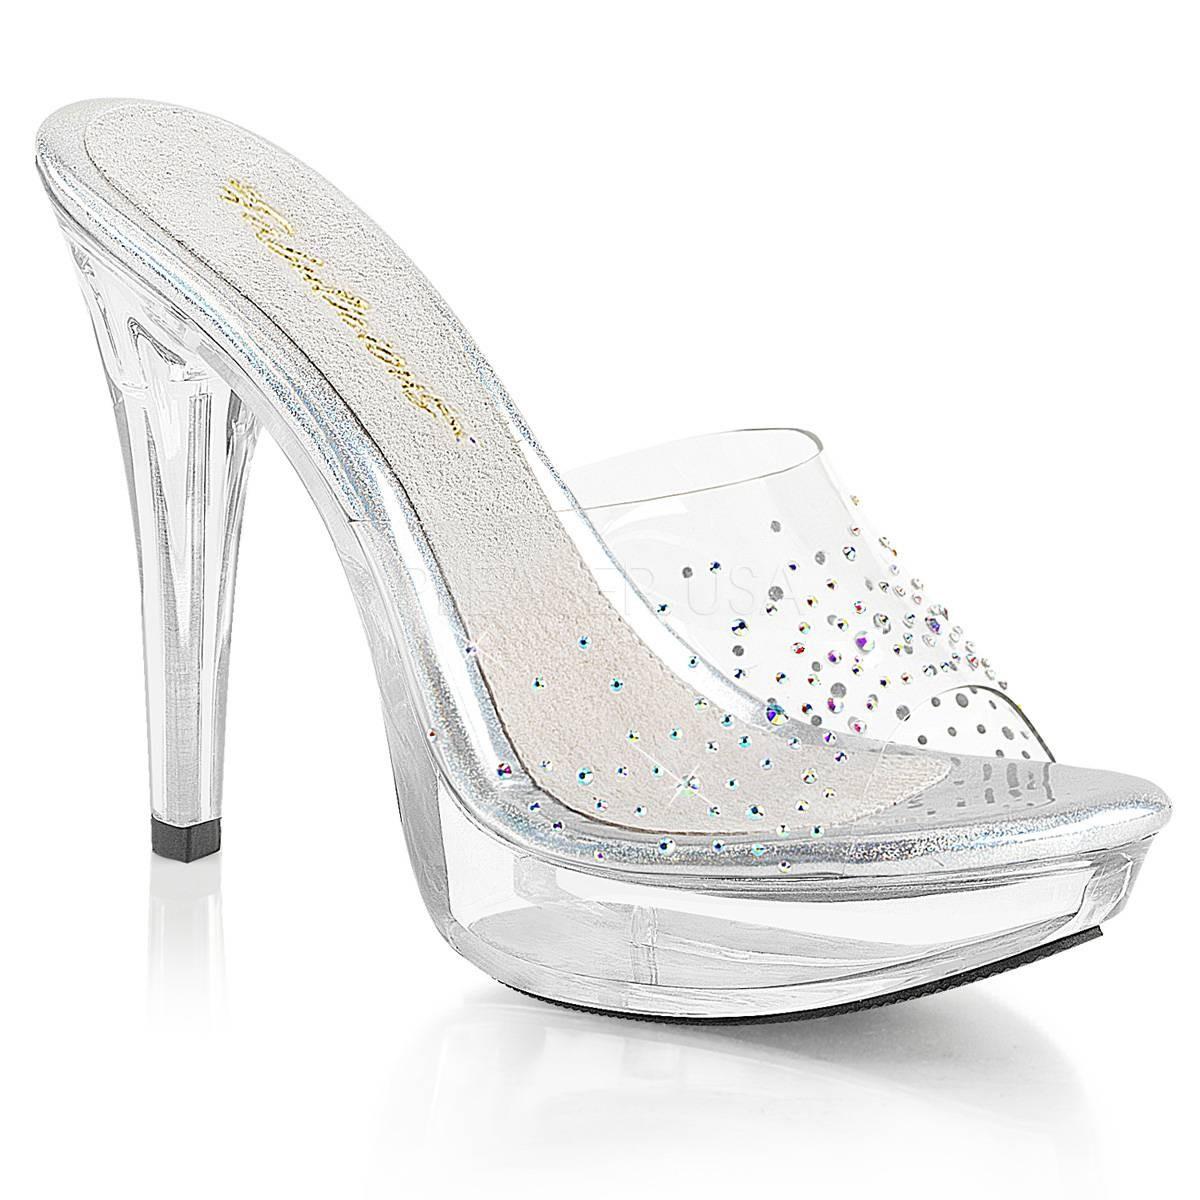 Highheels für Frauen - COCKTAIL 501SD ° Damen Sandalette ° TransparentMatt ° Fabulicious  - Onlineshop RedSixty